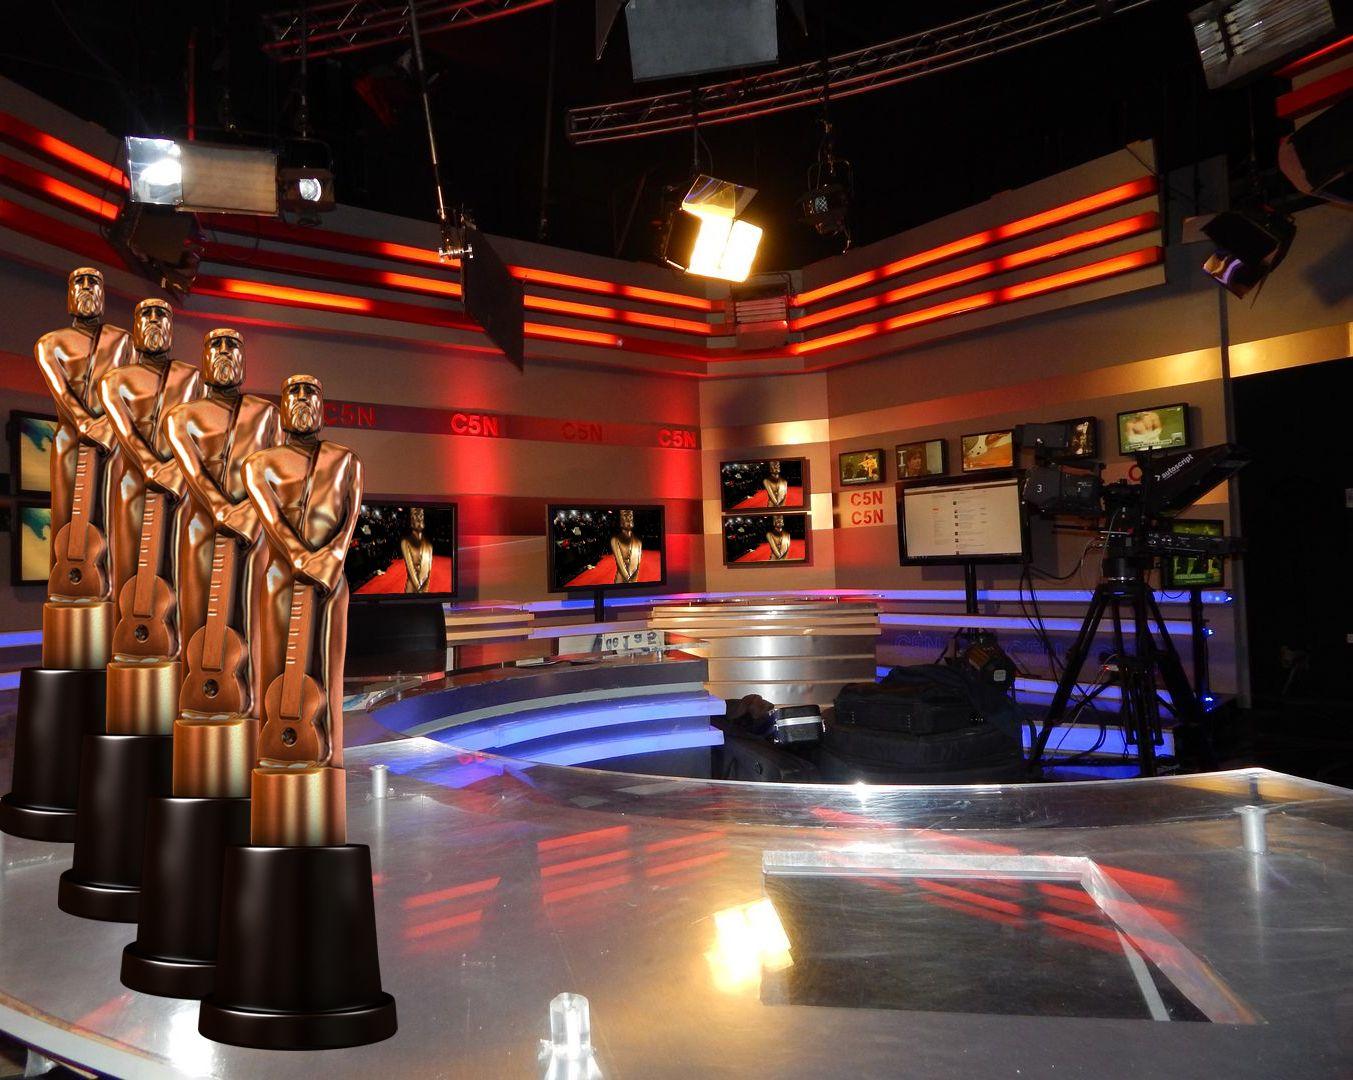 C5N, entre los más nominados a los premios Martín Fierro del cable